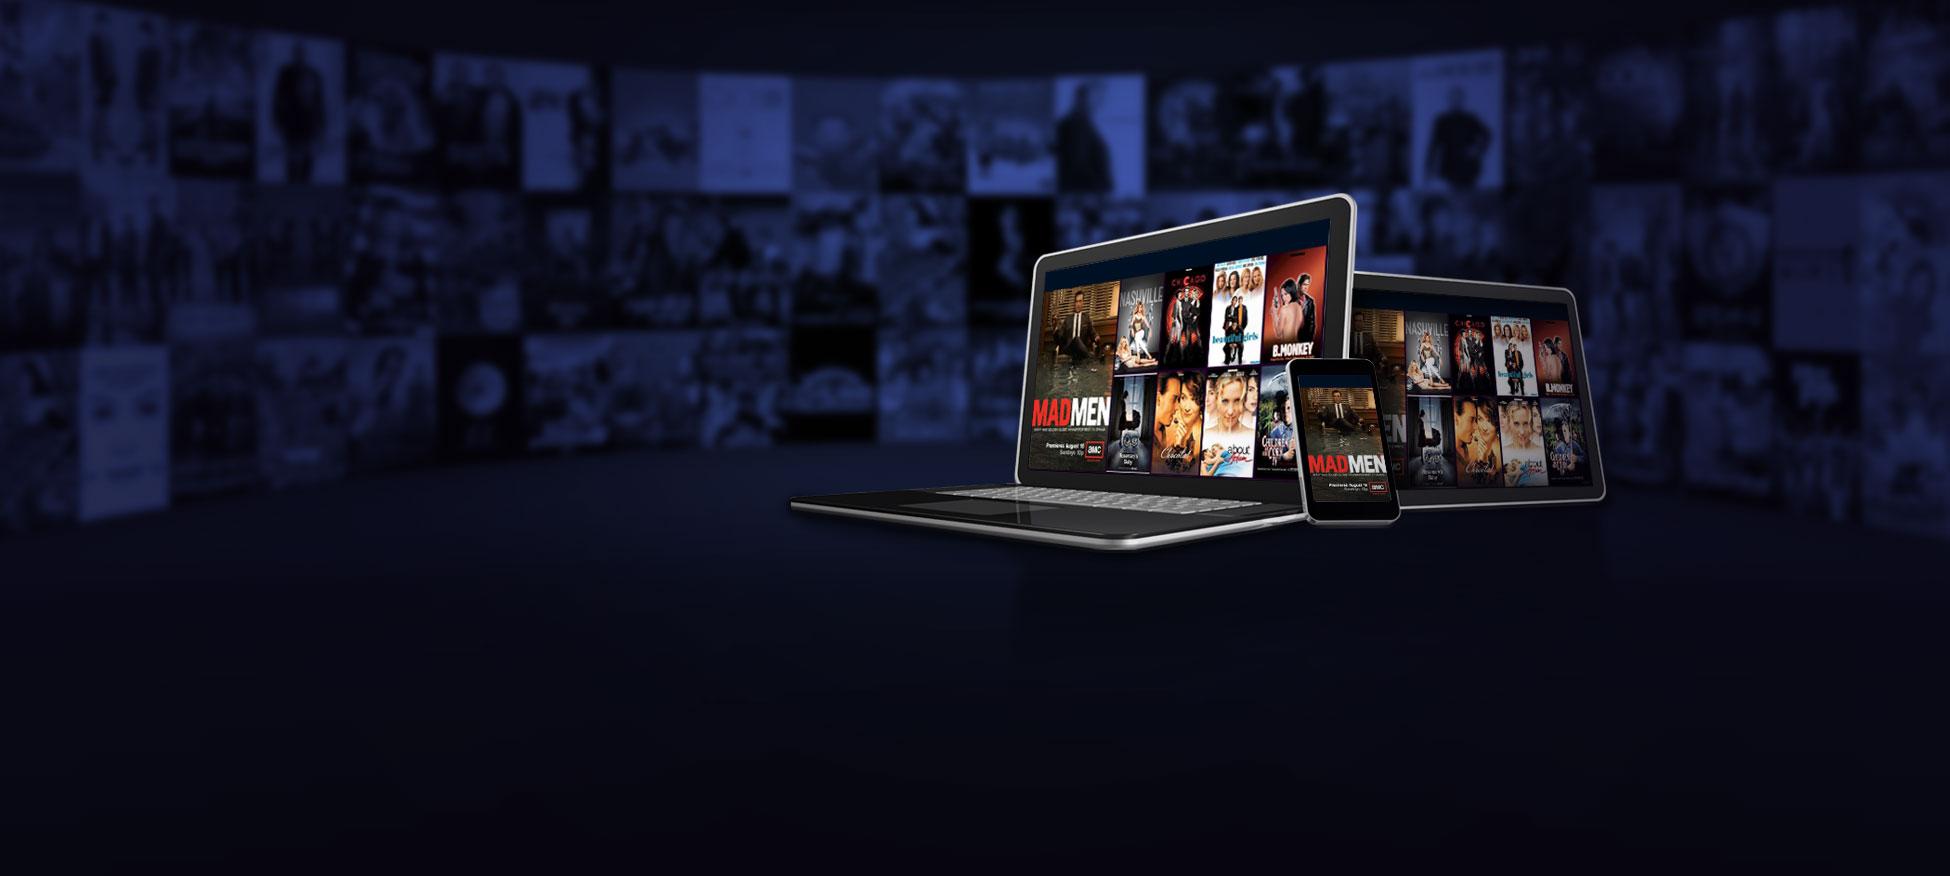 تماشای آنلاین فیلم، در خانه لذتش را ببر!